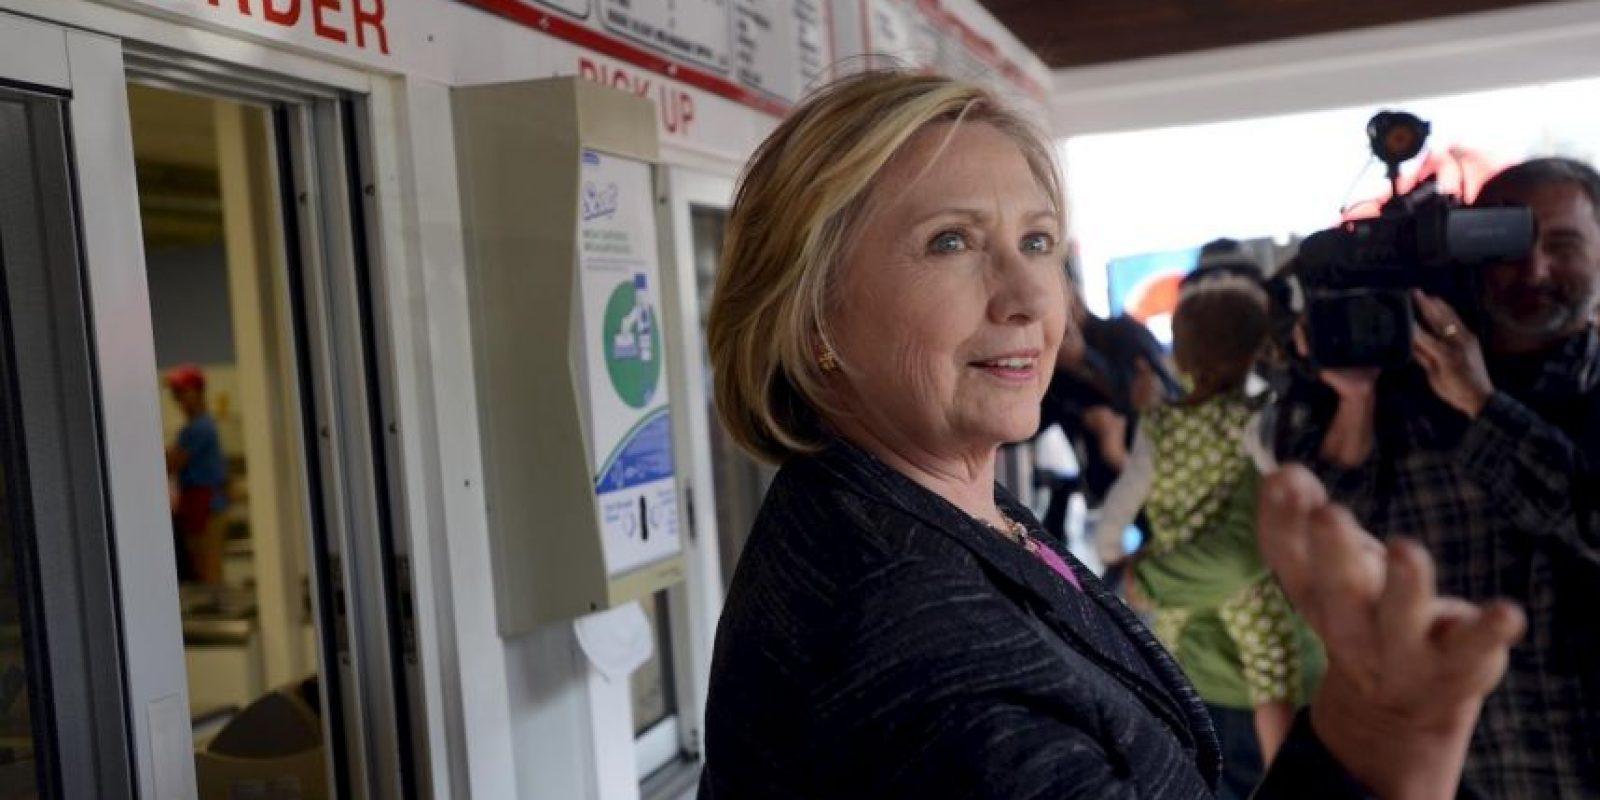 Esto luego del escándalo de los correos electrónicos cuando era Secretaria de Estado. Foto:Getty Images